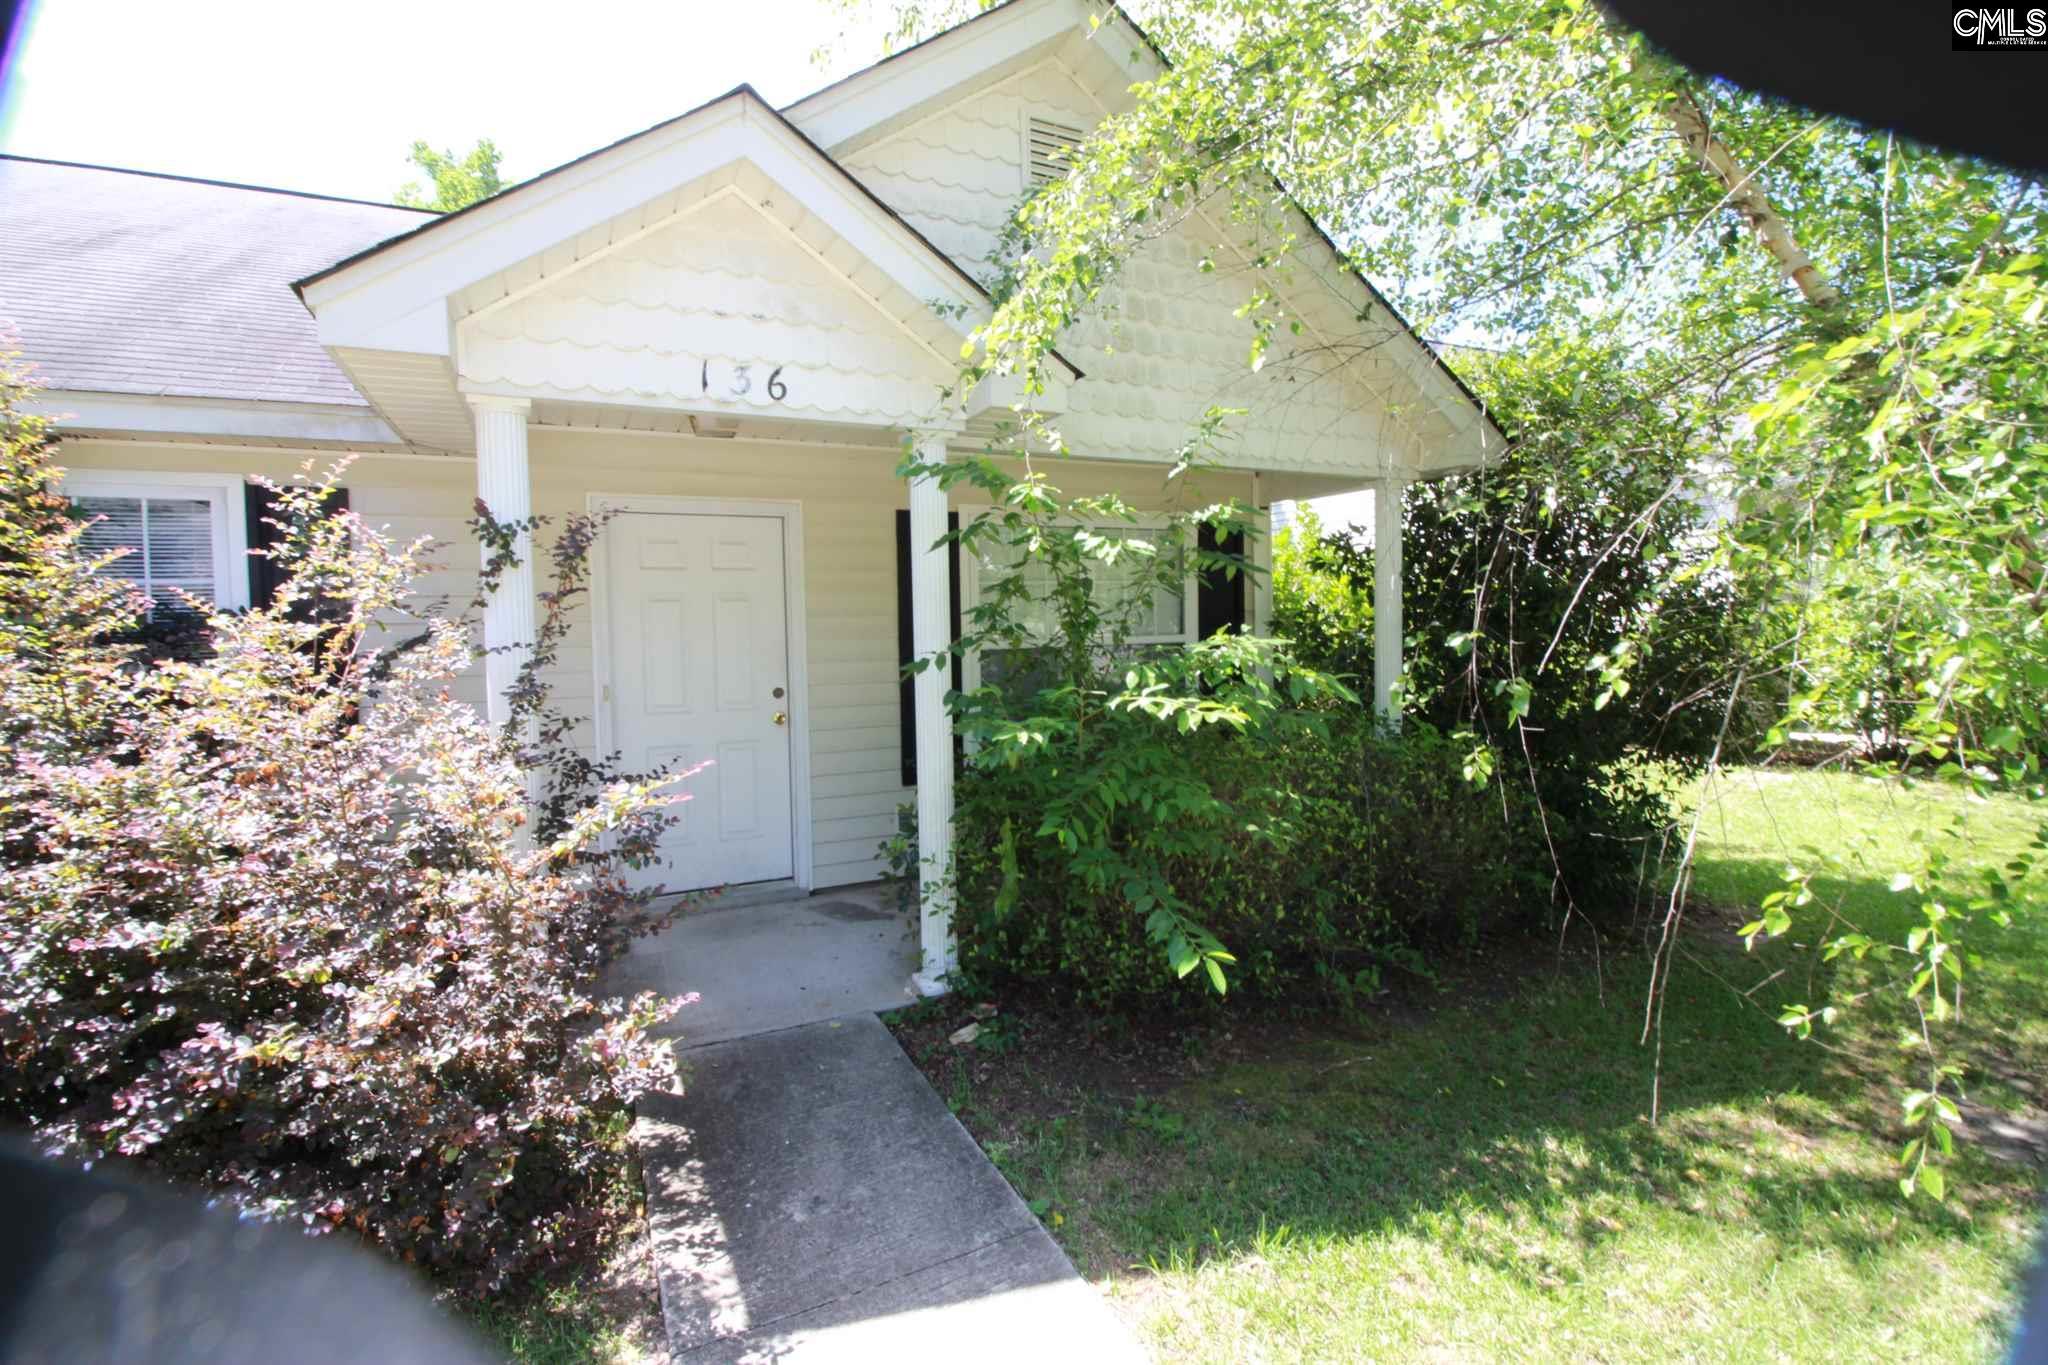 136  Quinton Ct West Columbia, SC 29170-2953